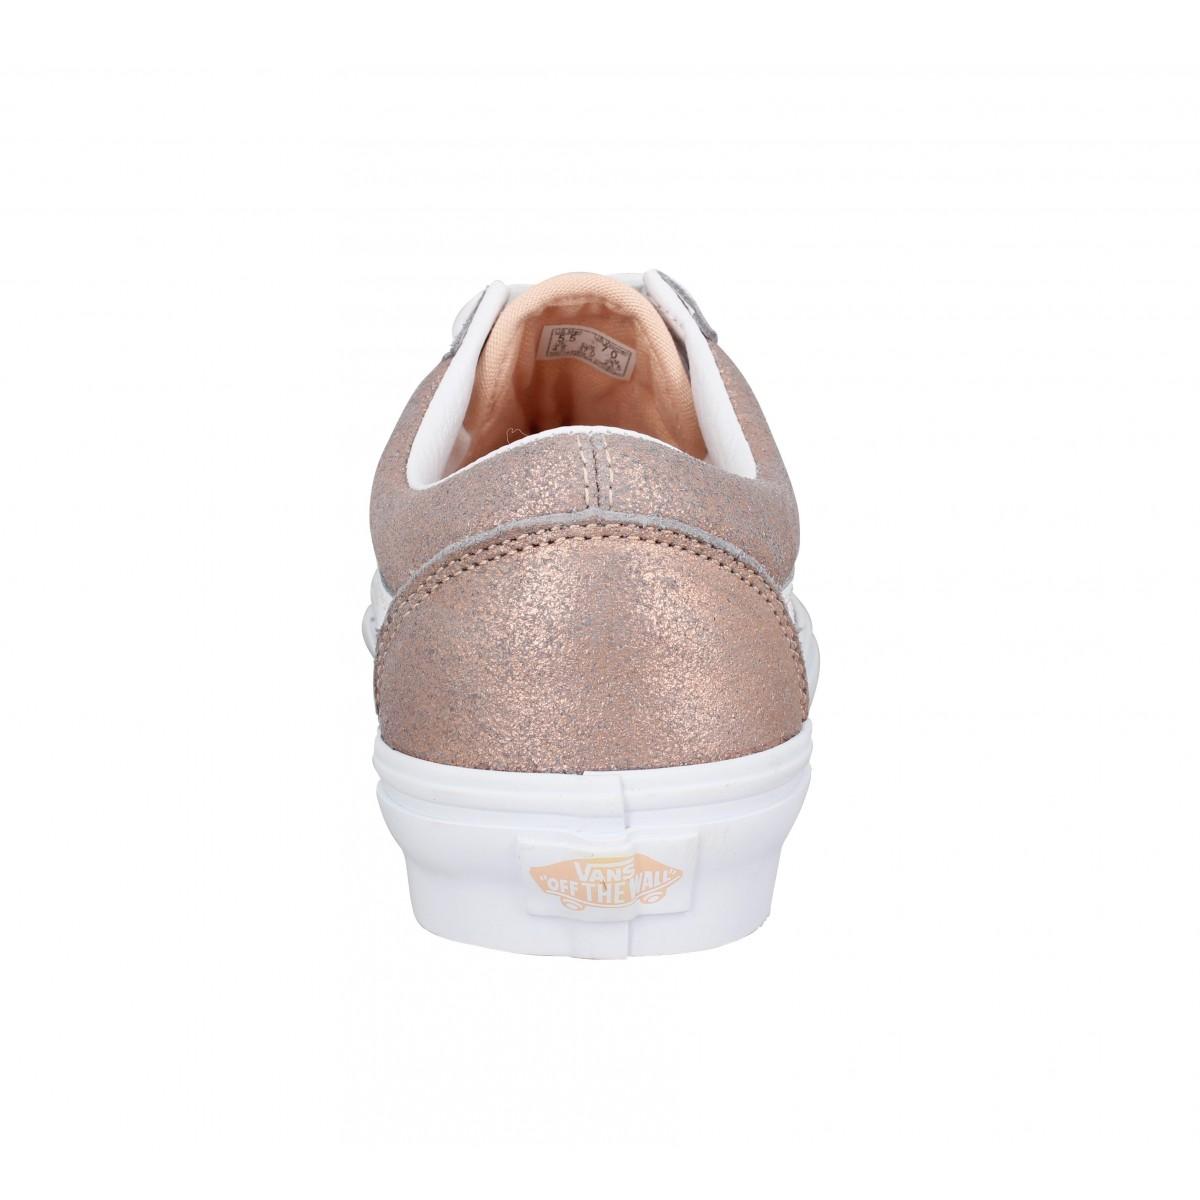 Chaussures Vans old skool cuir femme rose gold femme | Fanny ...